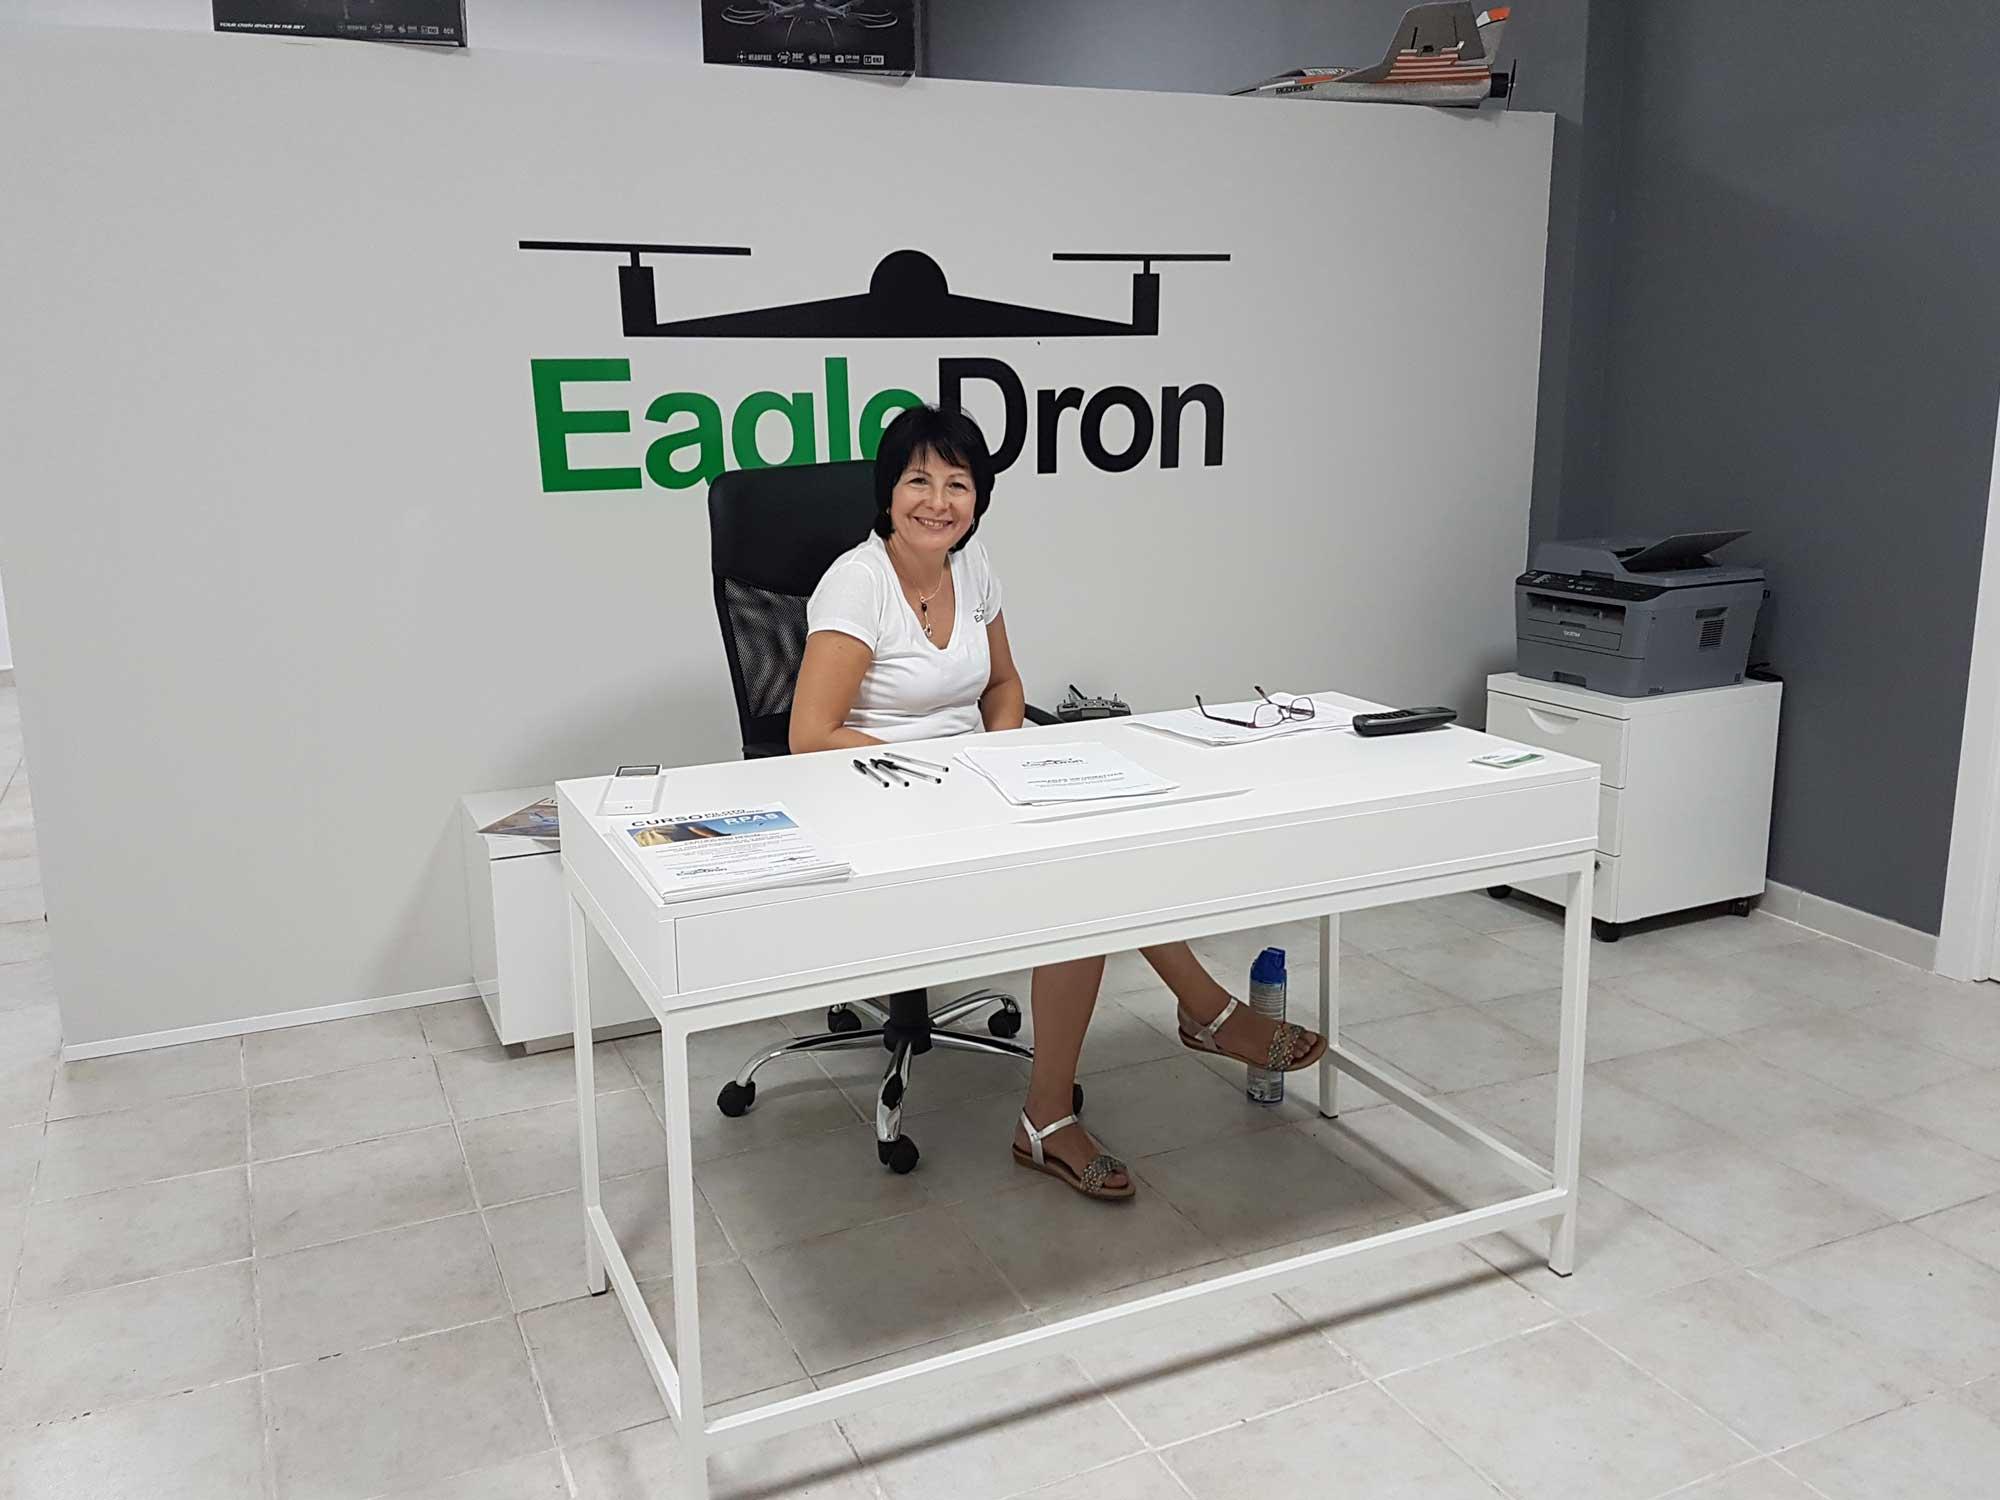 Recepción escuela Eagledron cursos piloto drones valencia